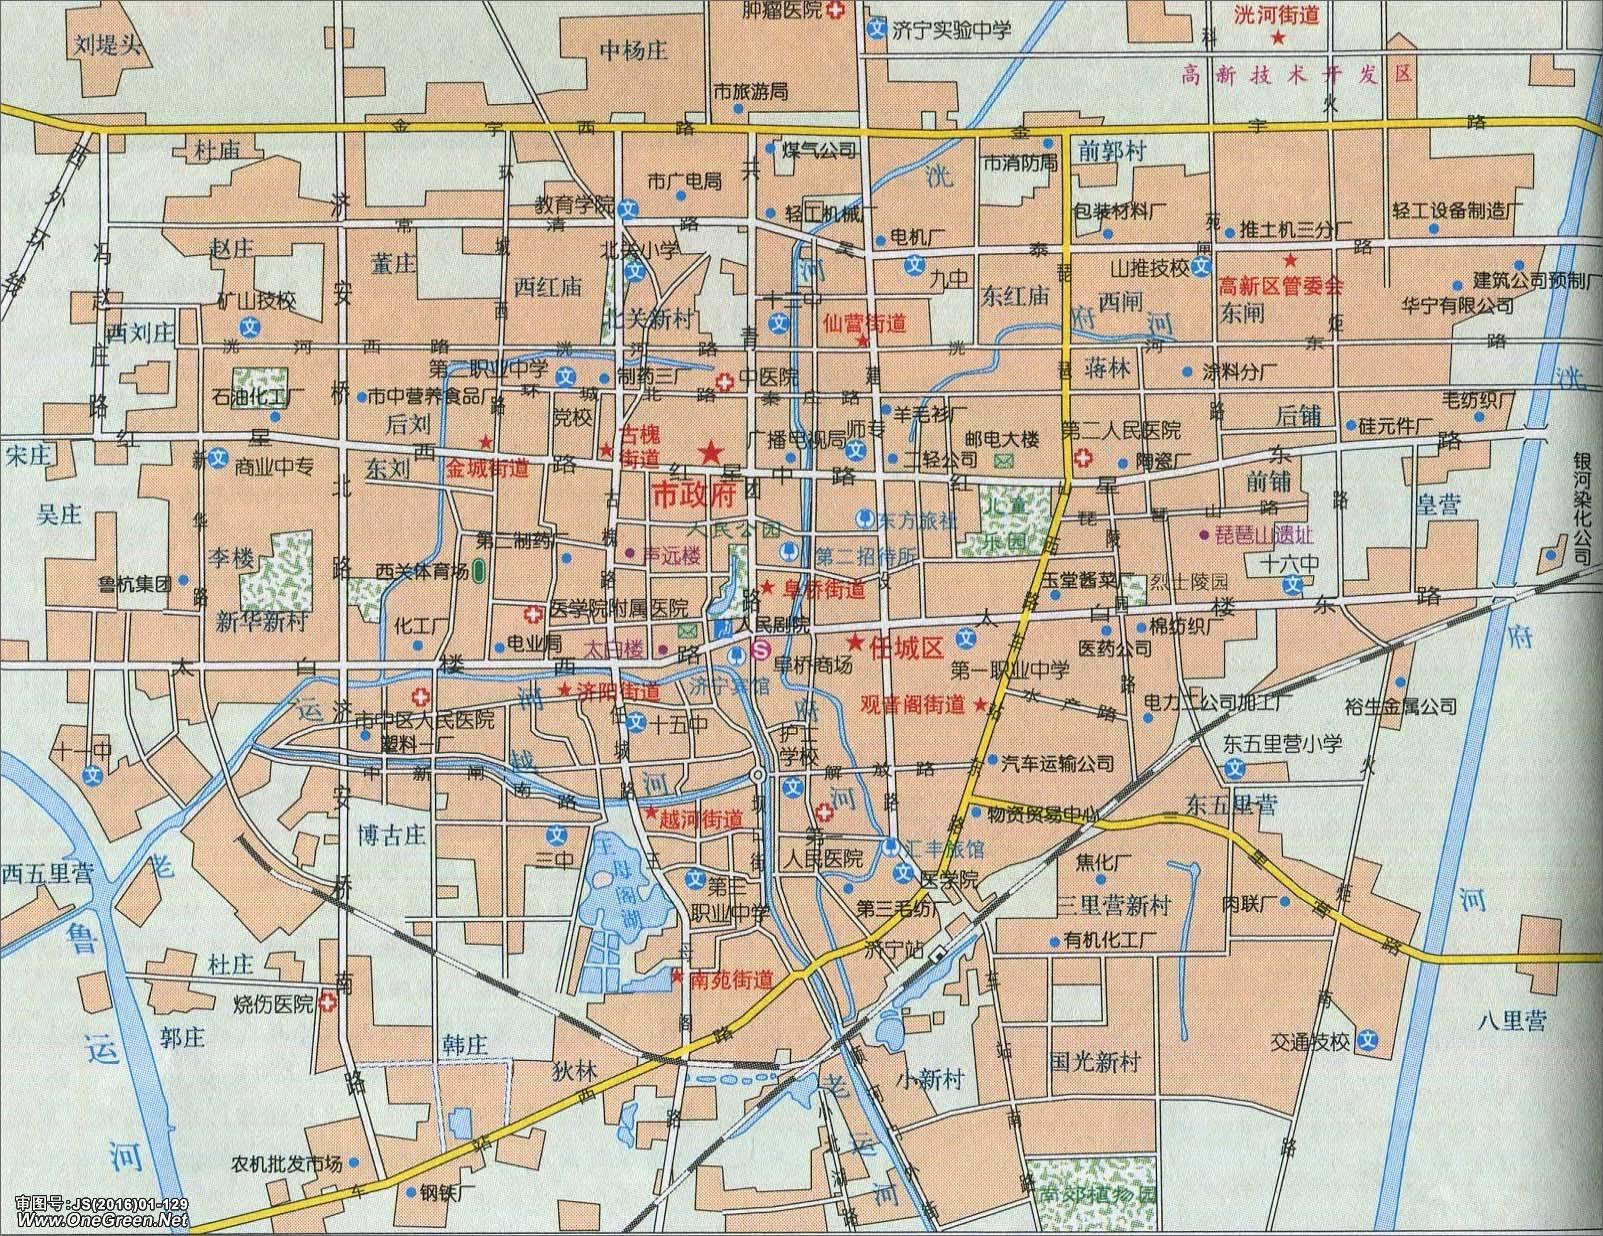 地图库 中国地图 山东 济南 >> 济南市城区地图